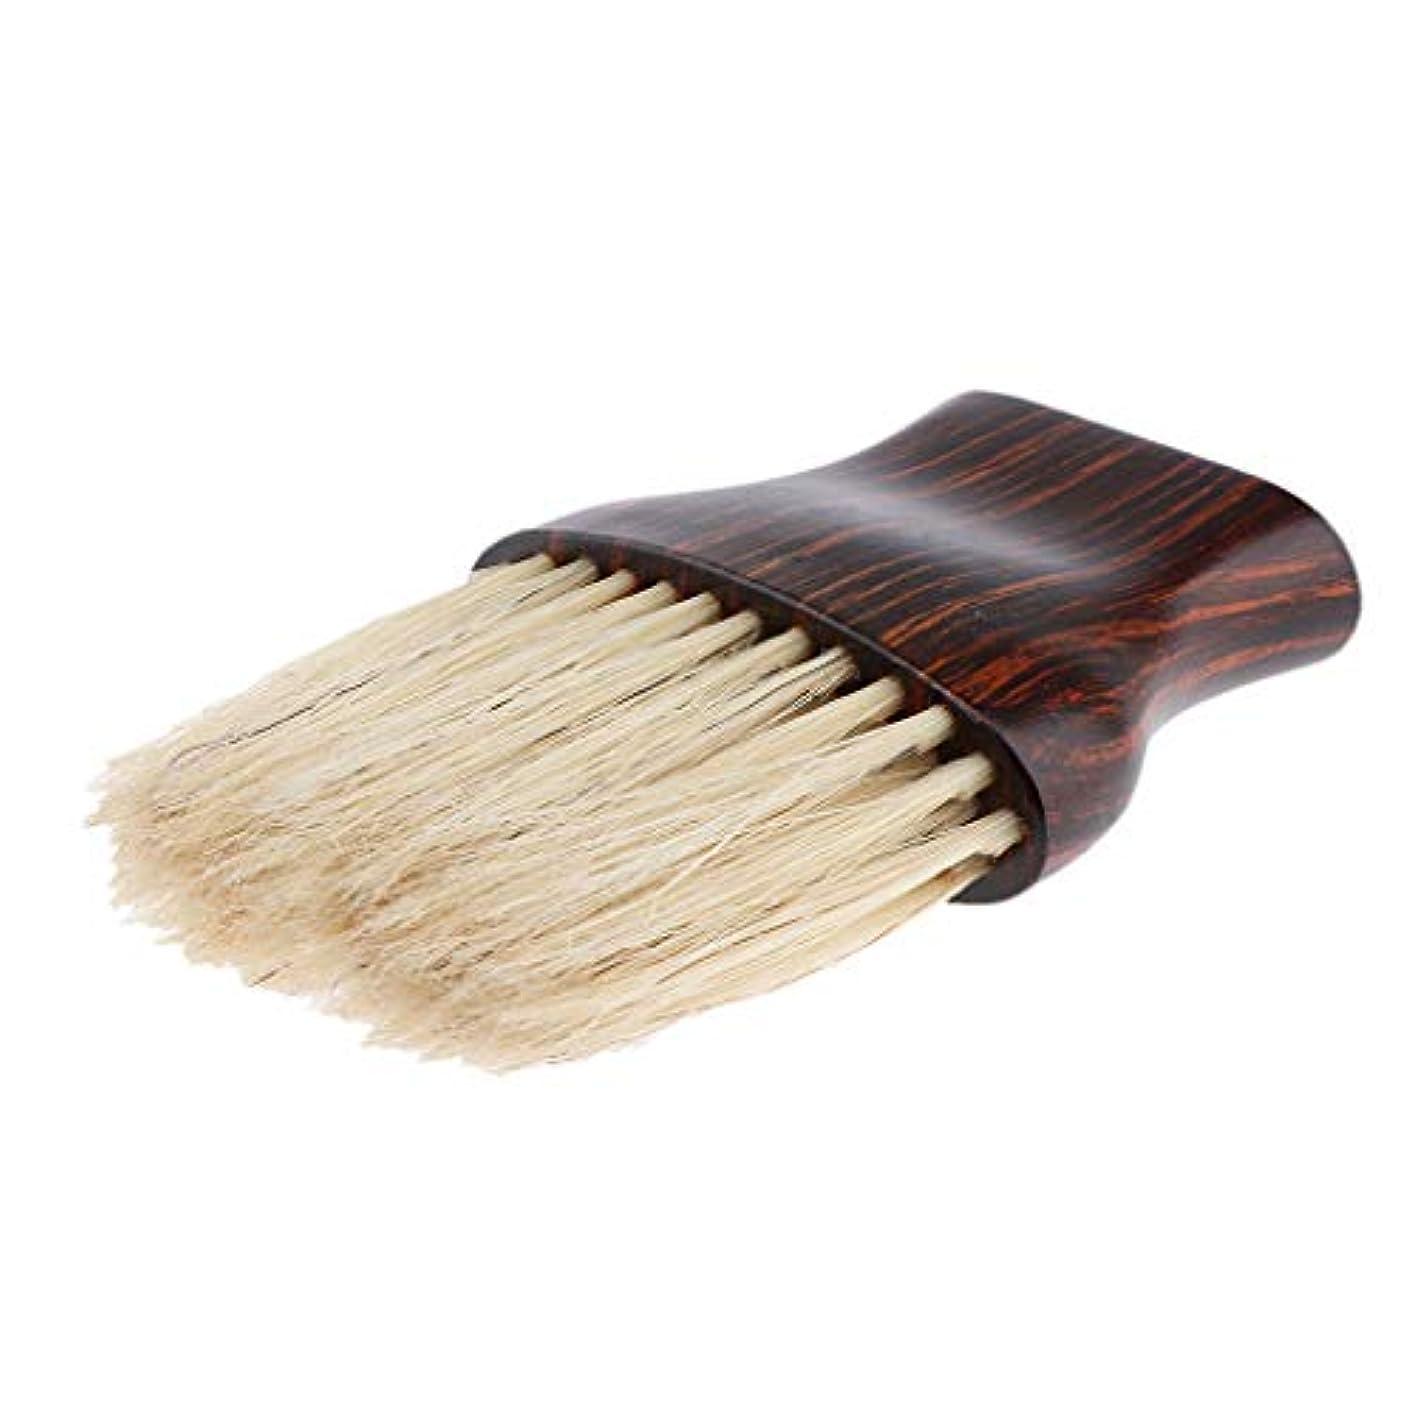 テラス攻撃引数Toygogo ネックダスターブラシ ヘアカットブラシ クリーニング ブラシ 毛払いブラシ 散髪 髪切り